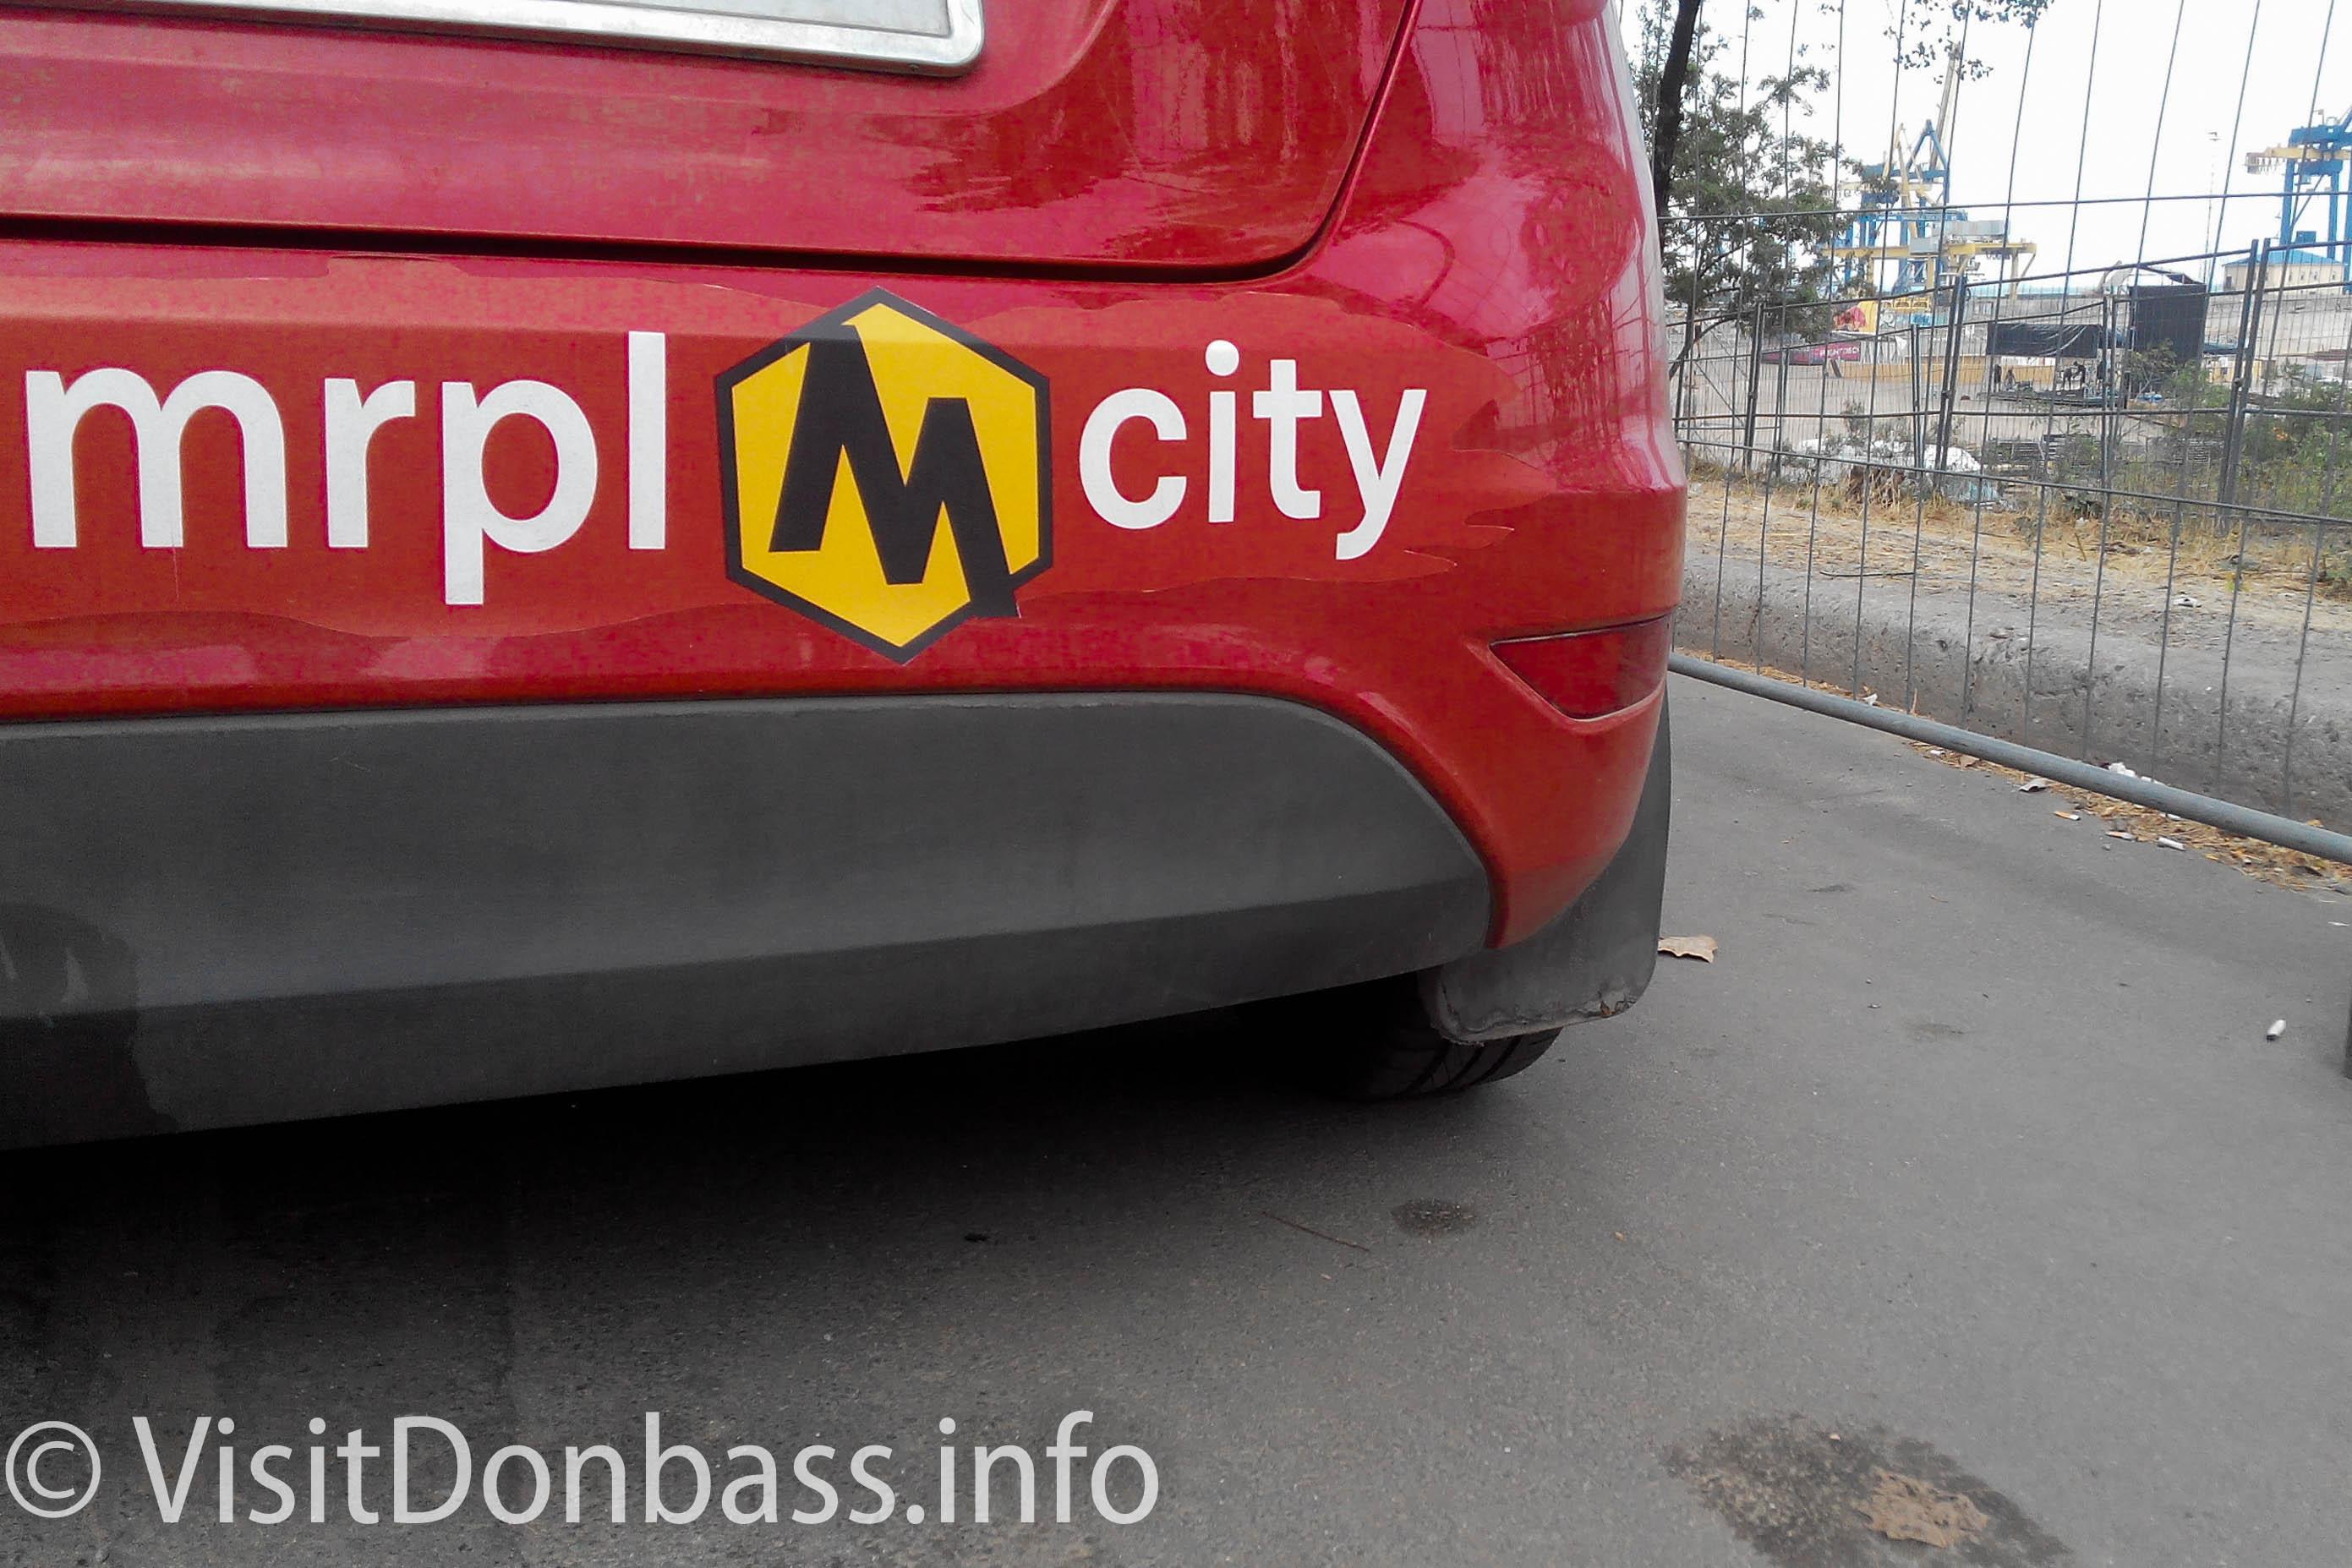 Фестиваль MRPL CITY 2018 рекламировали автопарадом